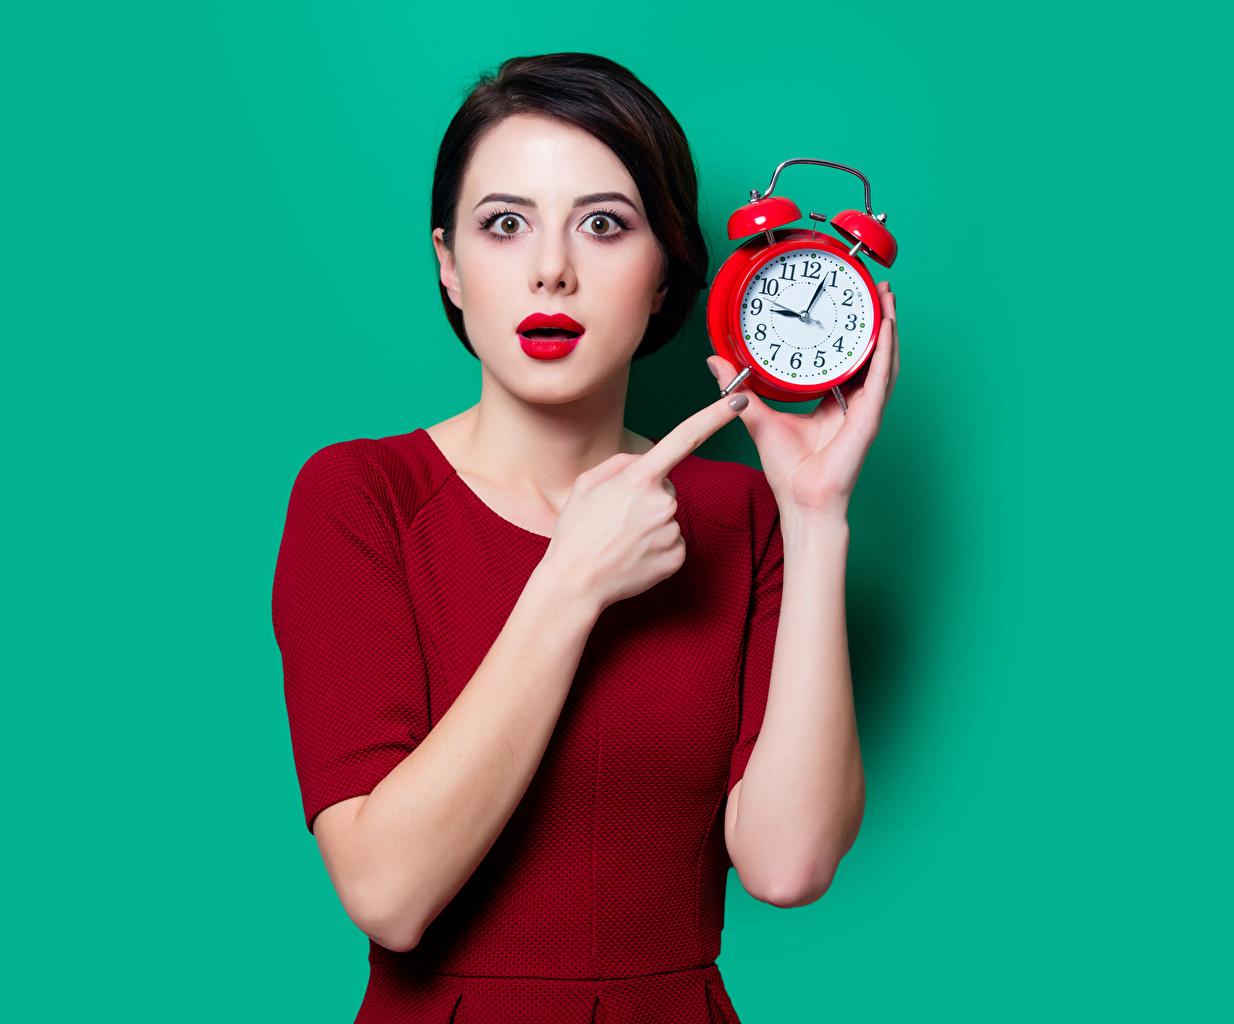 Картинки брюнеток Часы молодая женщина Будильник Пальцы смотрит красными губами Цветной фон Брюнетка брюнетки девушка Девушки молодые женщины Взгляд смотрят Красные губы